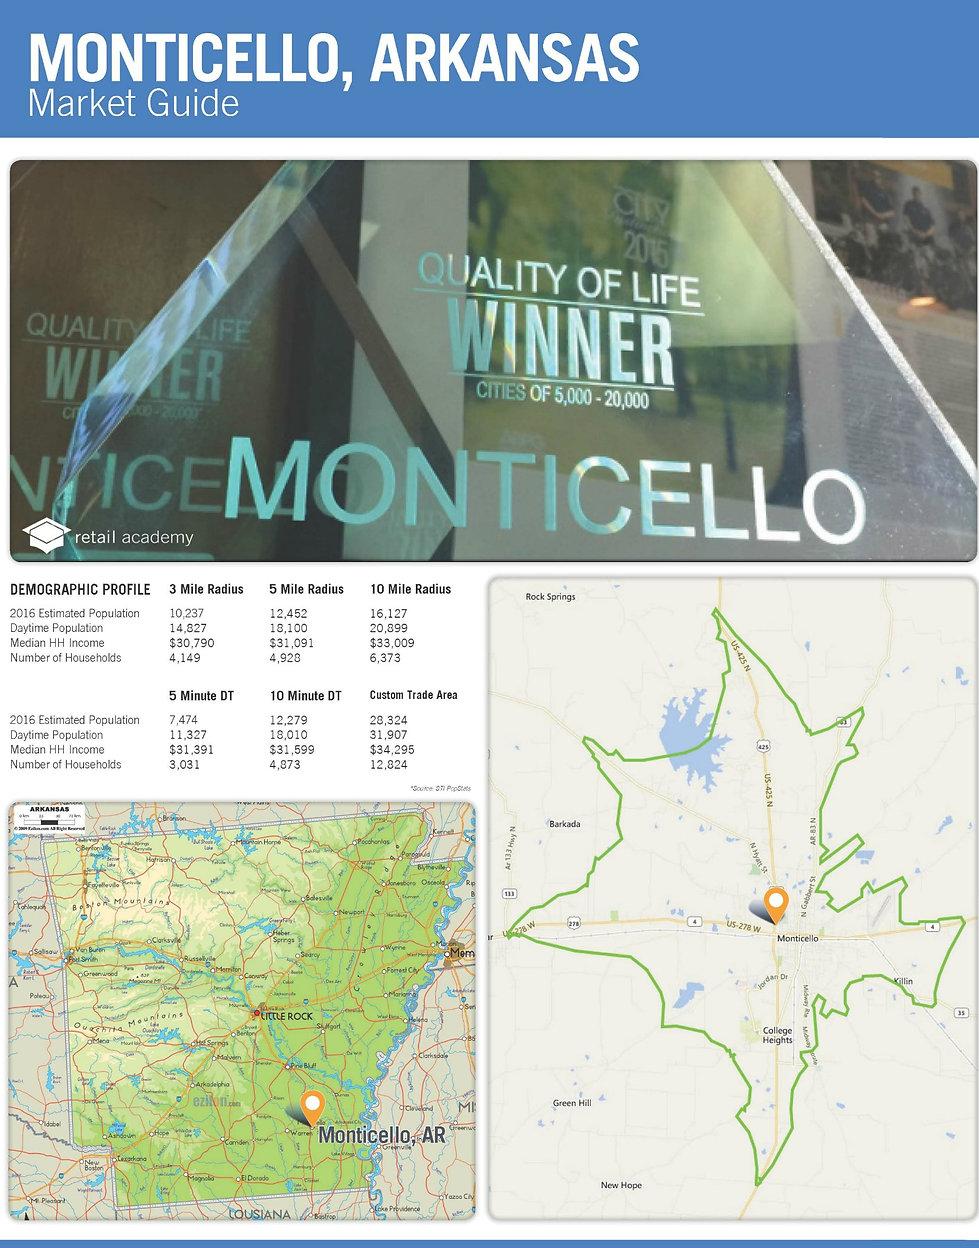 Monticello, Arkansas Market Guide